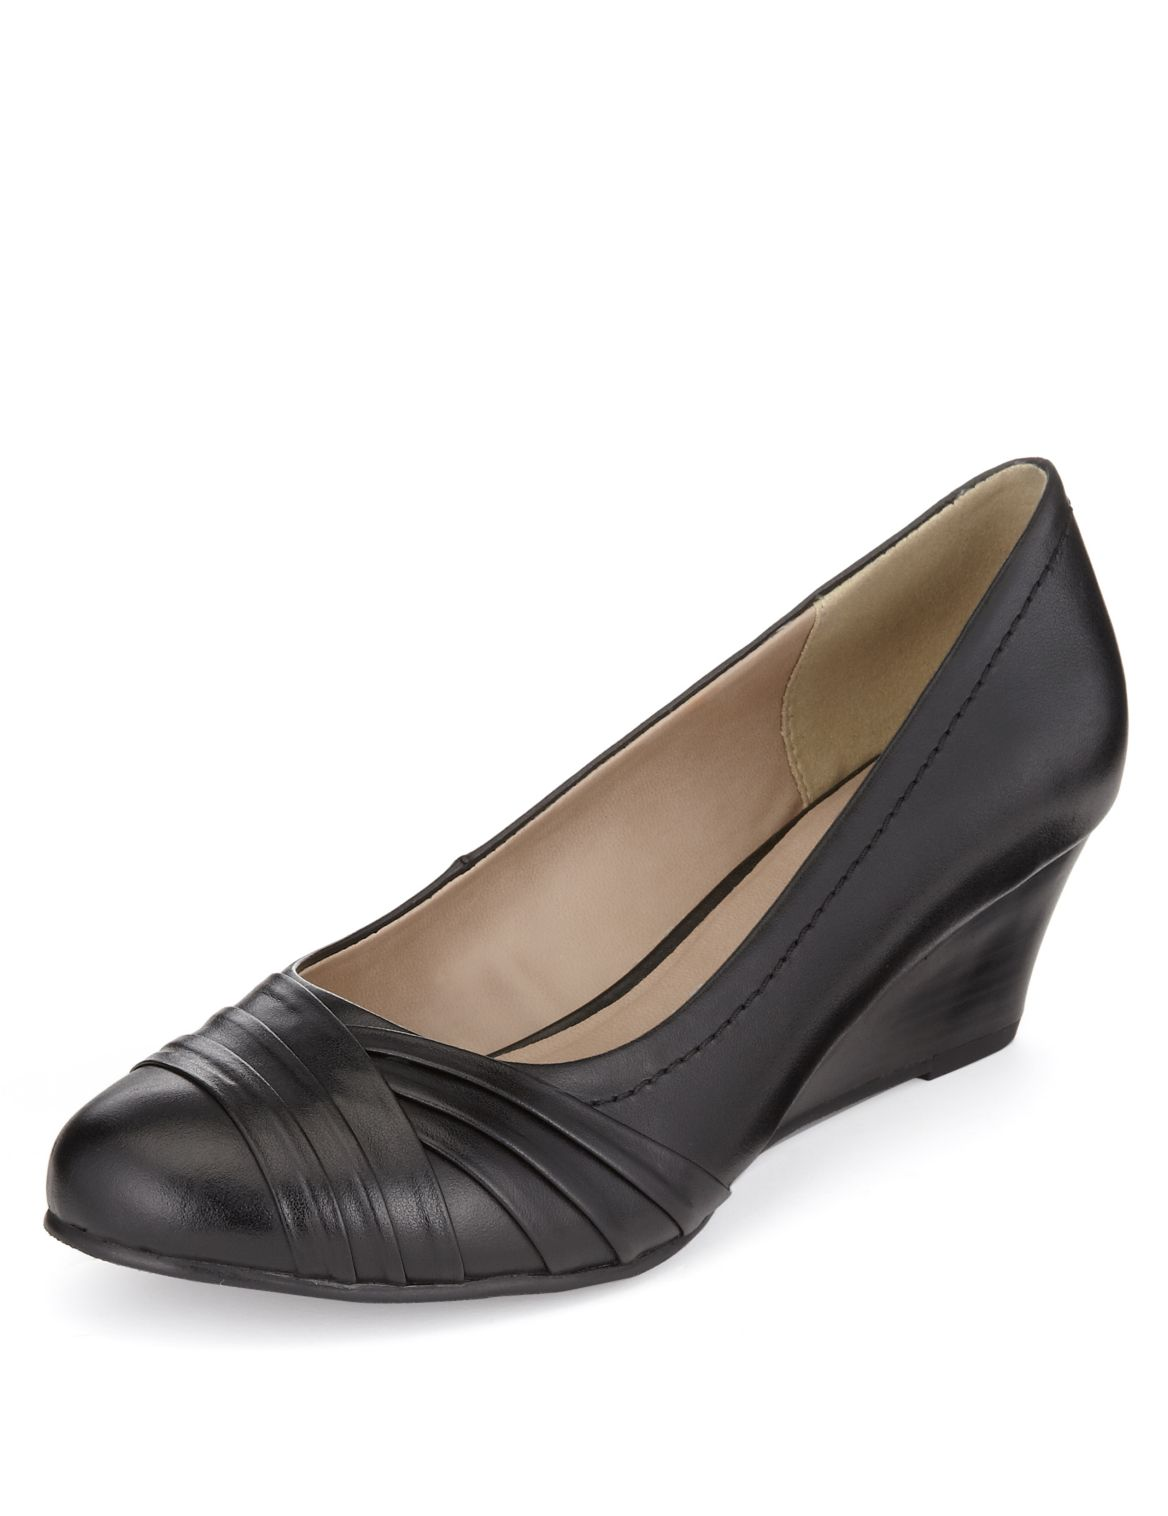 Zapatos Tacon Medio Mujer